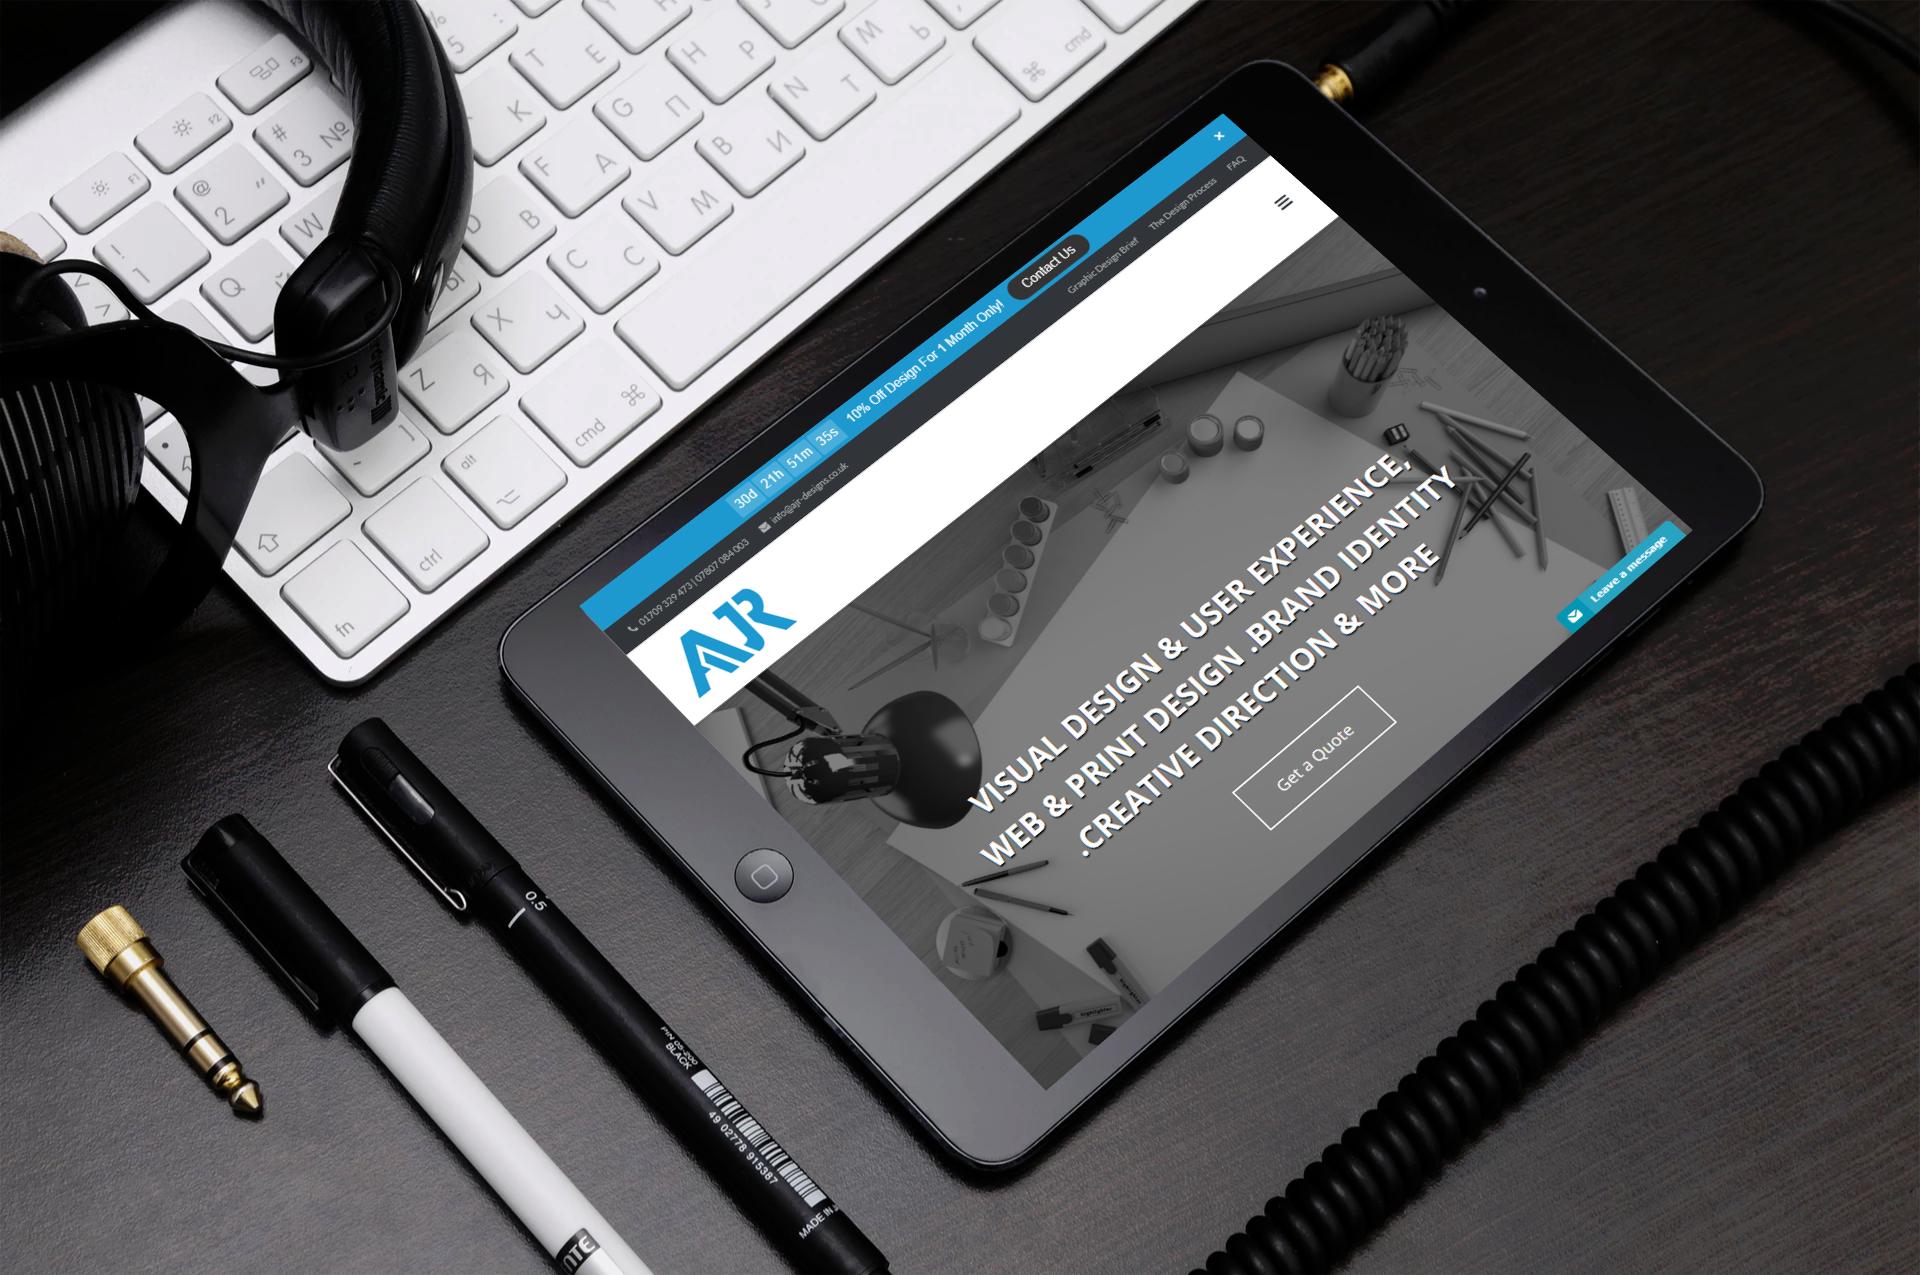 affordable website design in Rotherham, Sheffield, Doncaster, Barnsley, South Yorkshire, UK